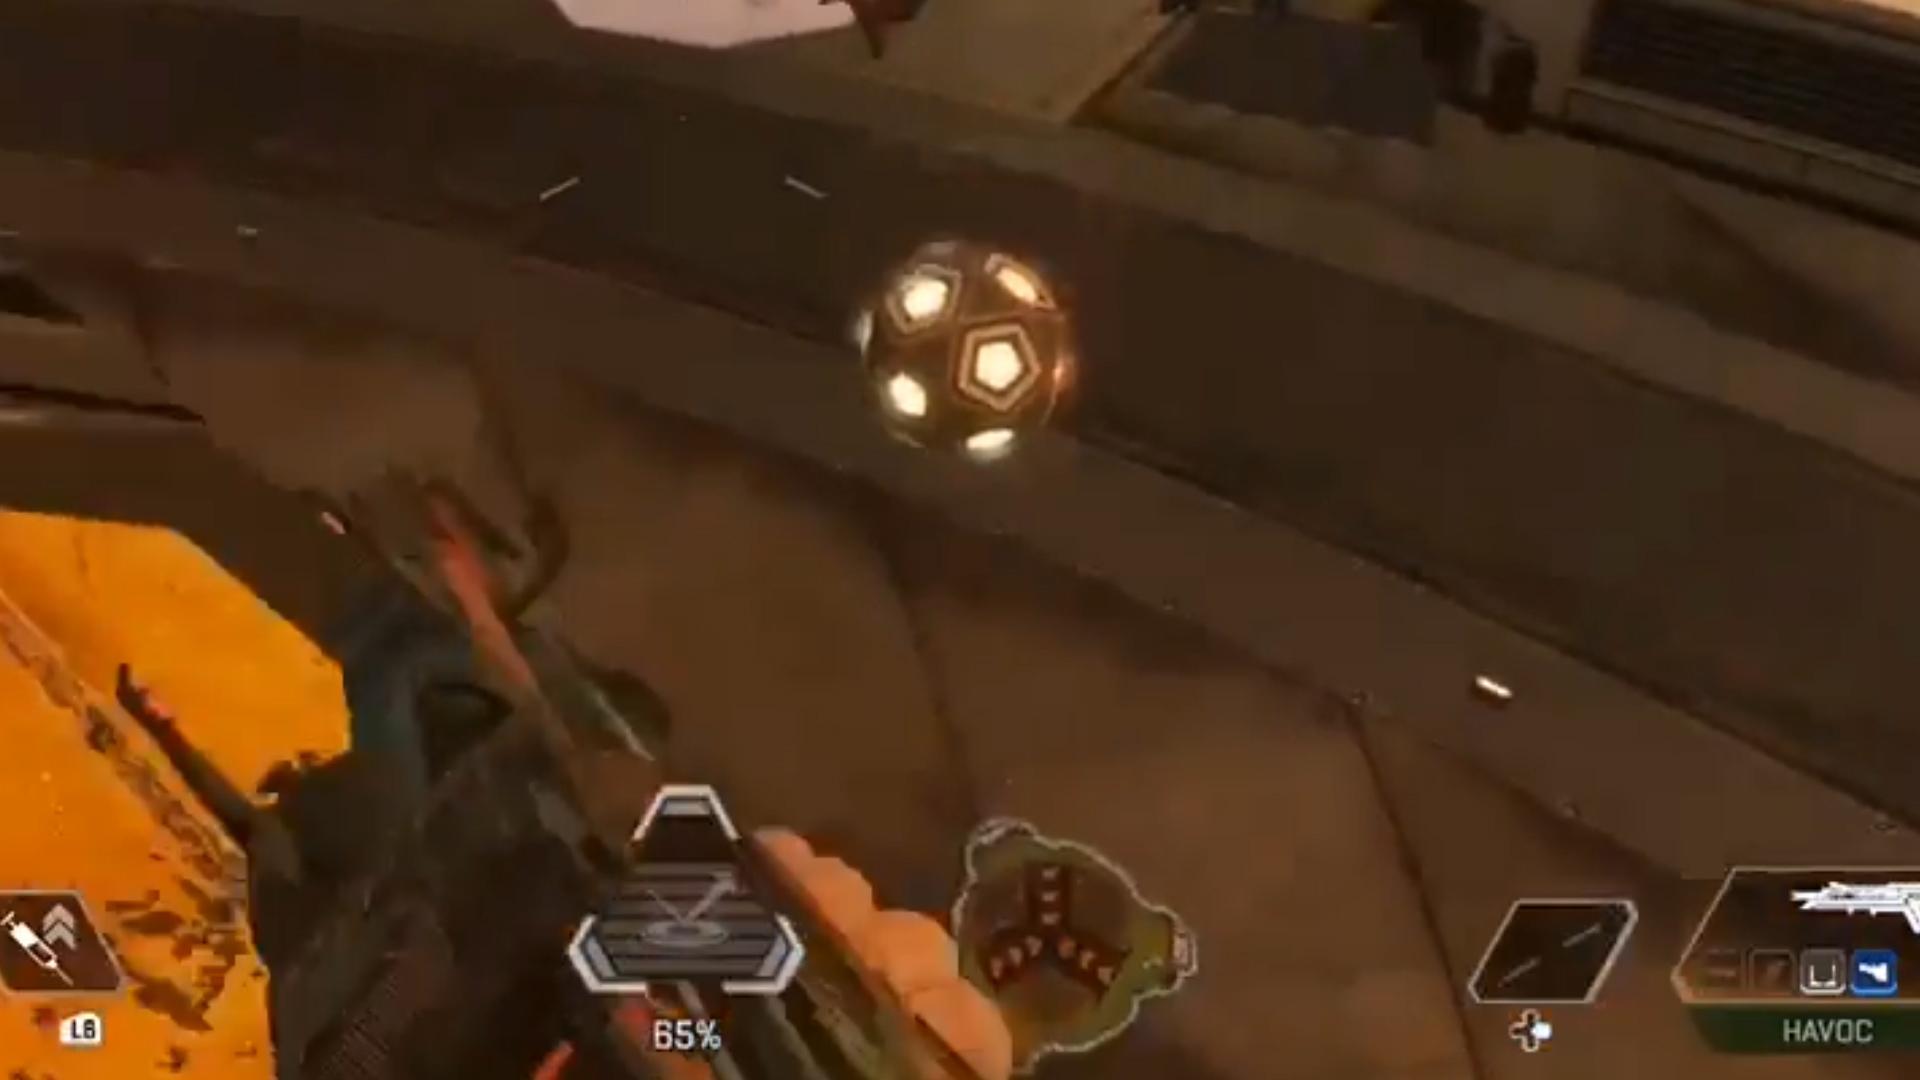 【コント】敵を倒すために置いたジャンプパッドがカーゴボットをマグマに落とす動画